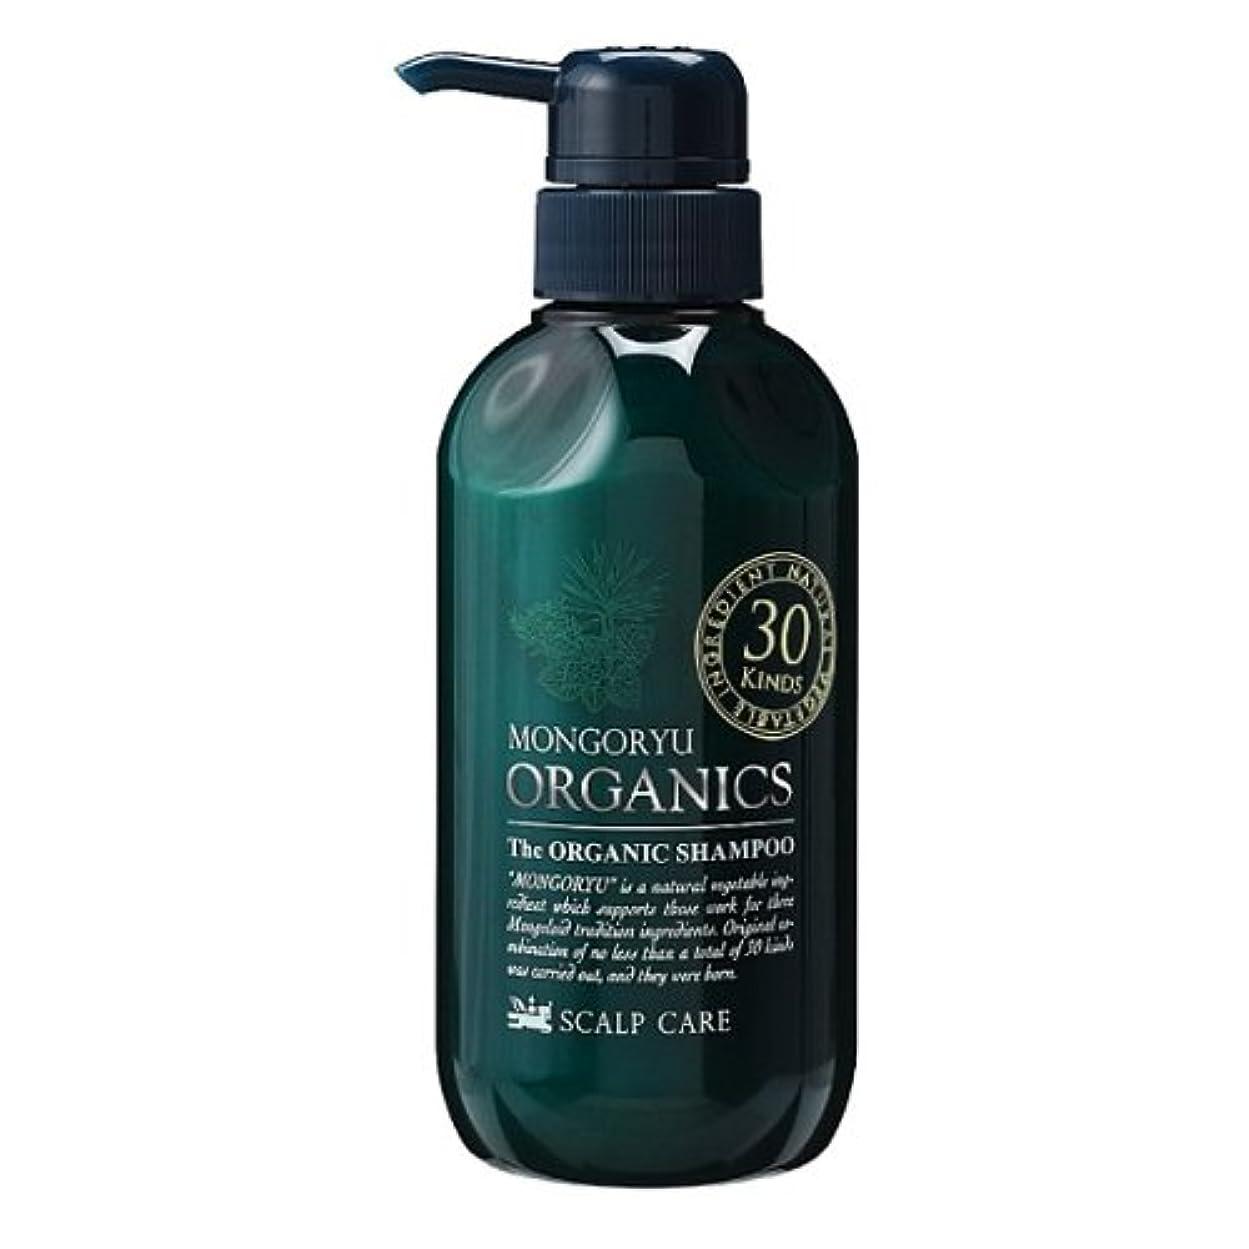 ベンチャー半径正規化モンゴ流 シャンプー 薬用 オーガニクス 320ml 医薬部外品 スカルプケア オーガニックハーブの香り